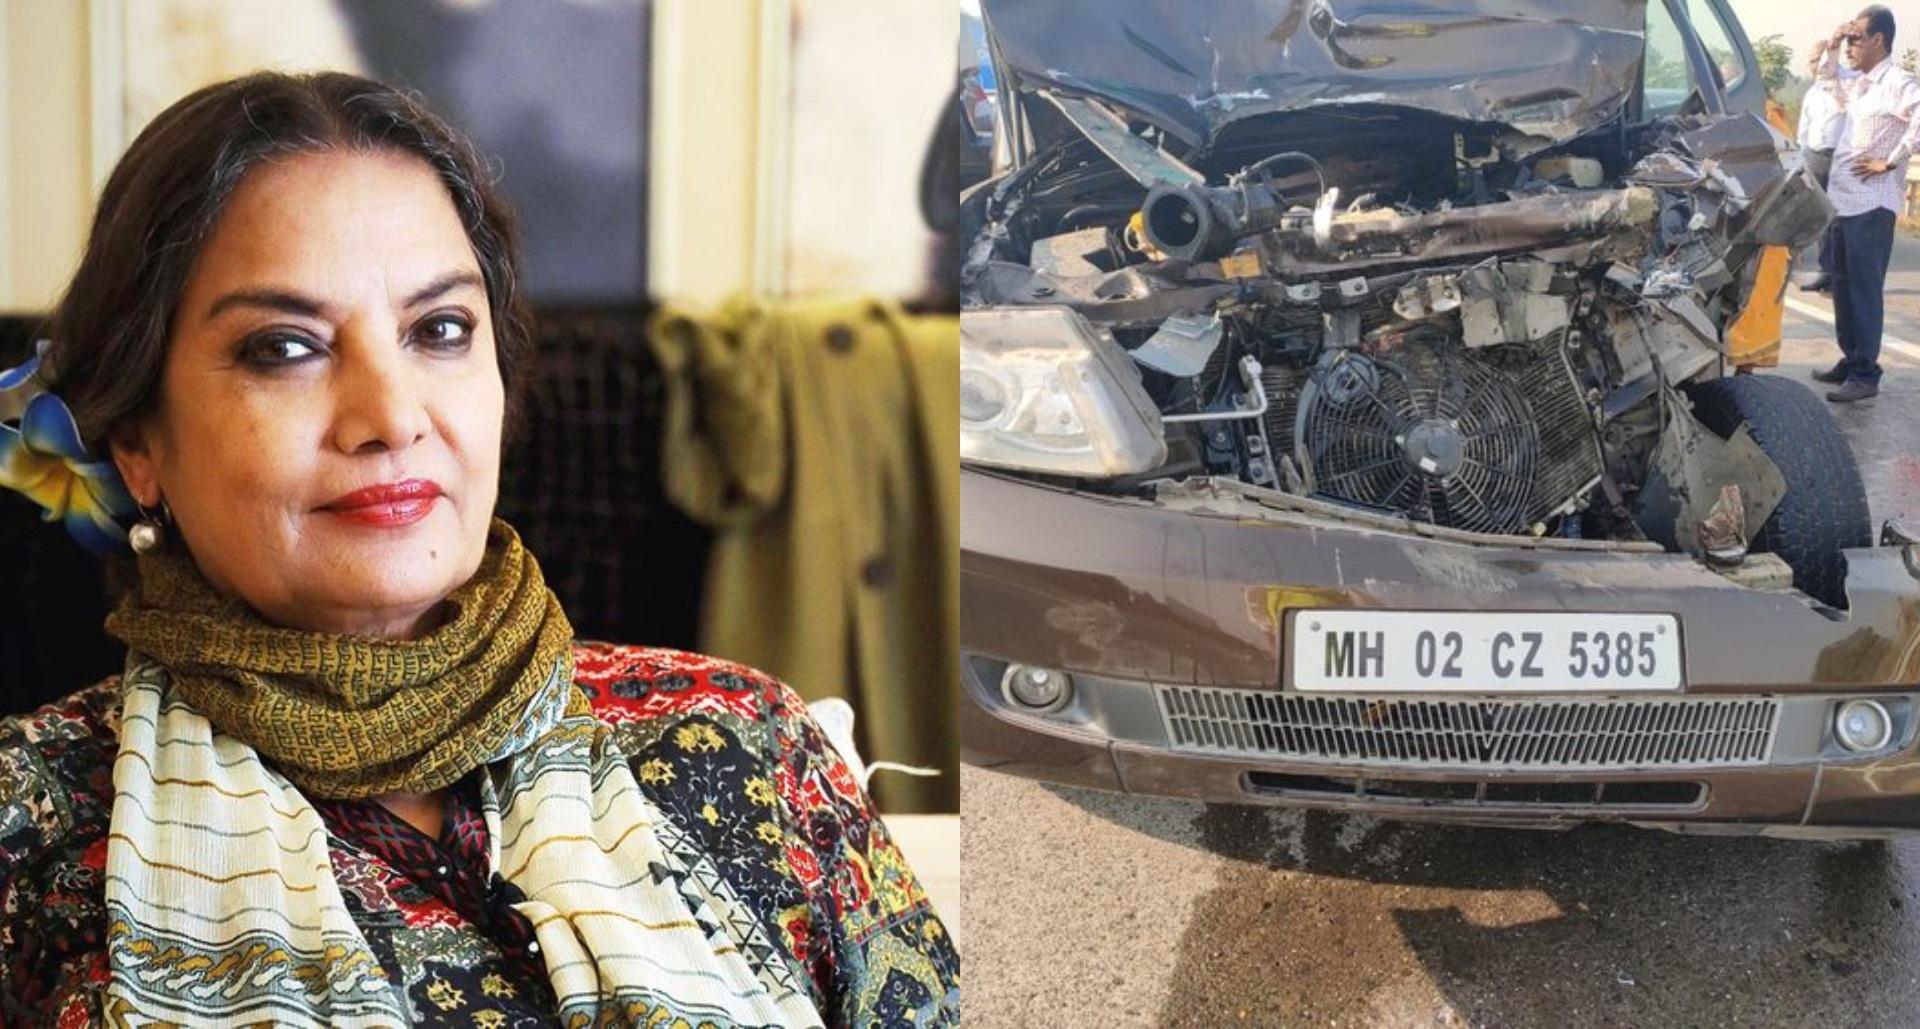 Shabana Azmi Accident: ट्रक ड्राइवर ने कीएफआईआर दर्ज, लगाया शबाना आज़मी के ड्राइवर पररैश ड्राइविंग का आरोप